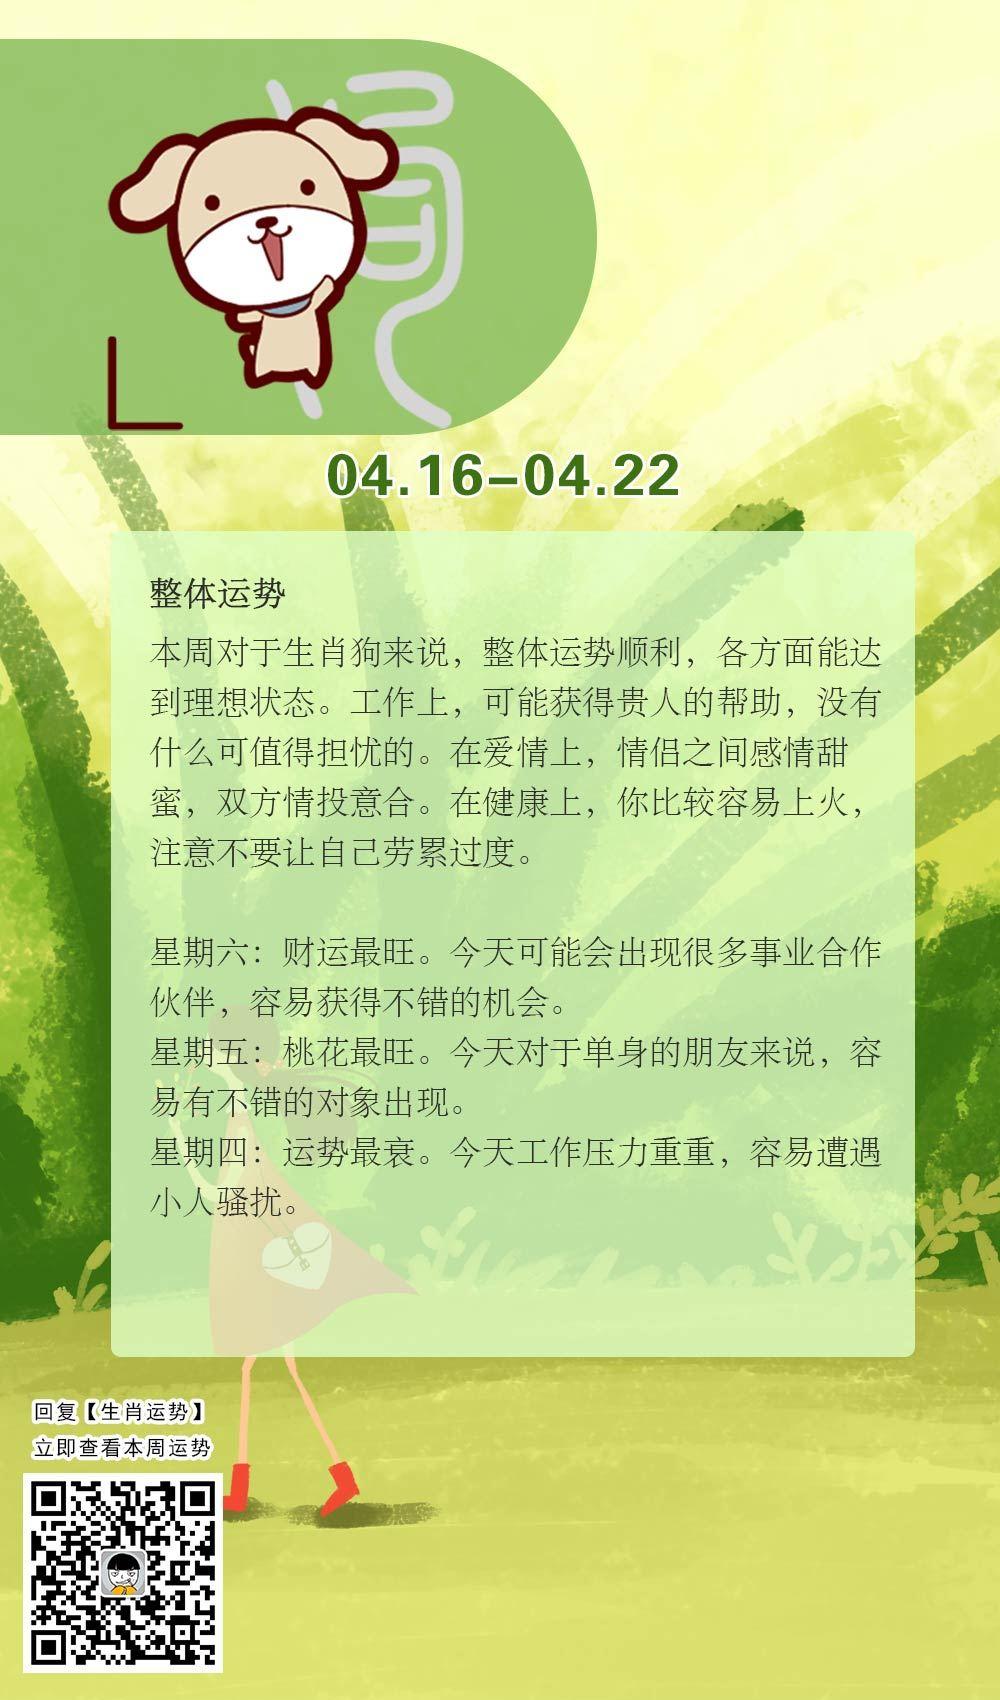 生肖狗本周运势【2018.04.16-04.22】